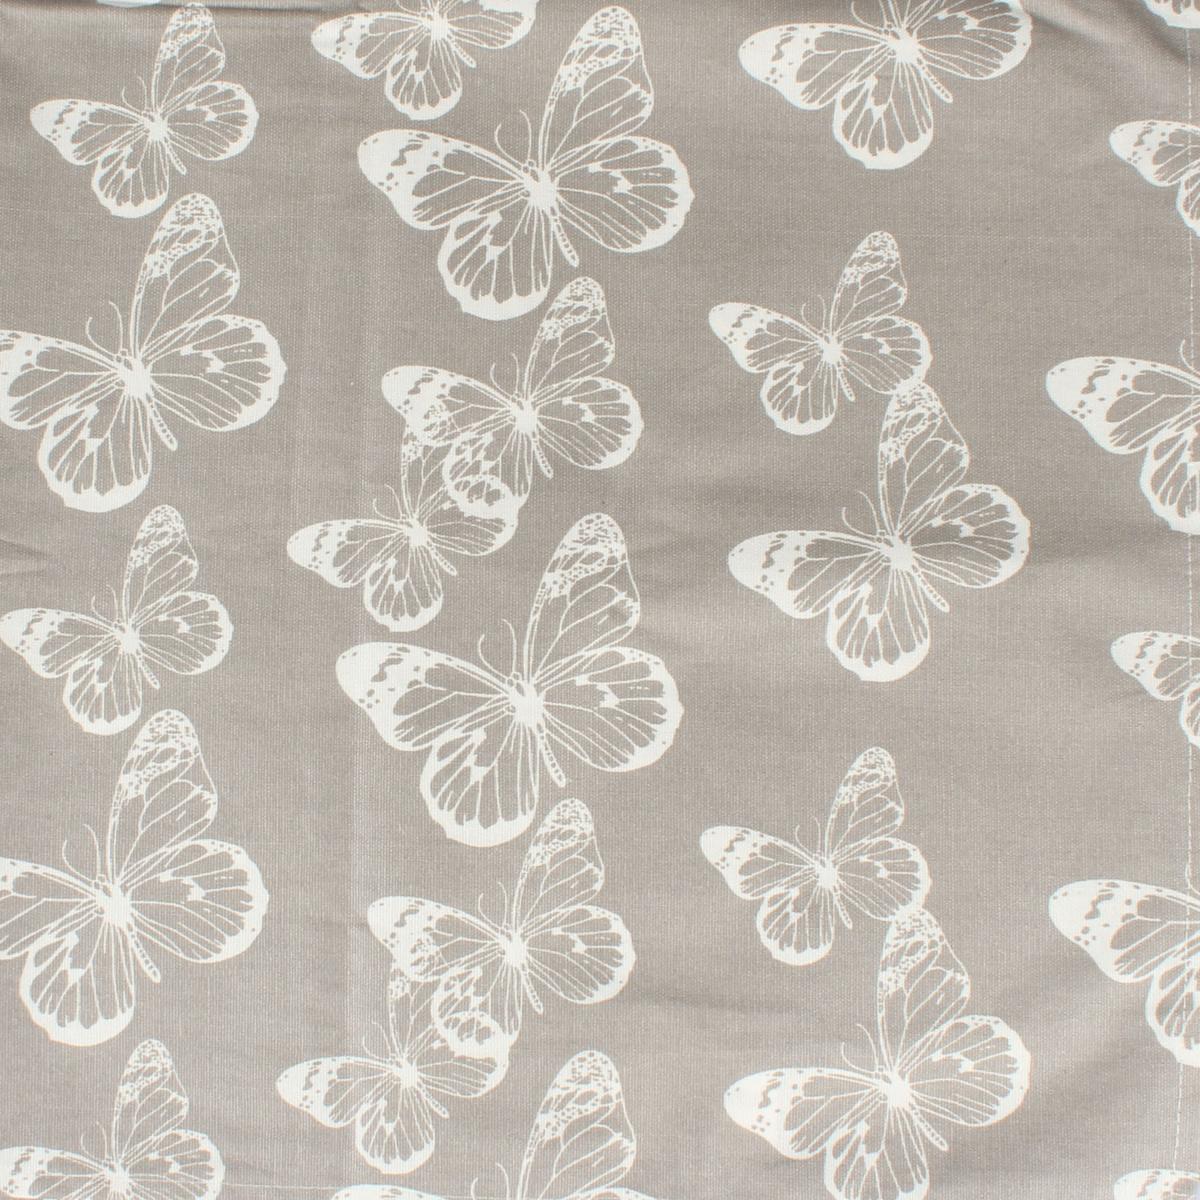 Dakls Omyvatelný textilní ubrus Butterfly, 145 x 180 cm, 145 x 180 cm